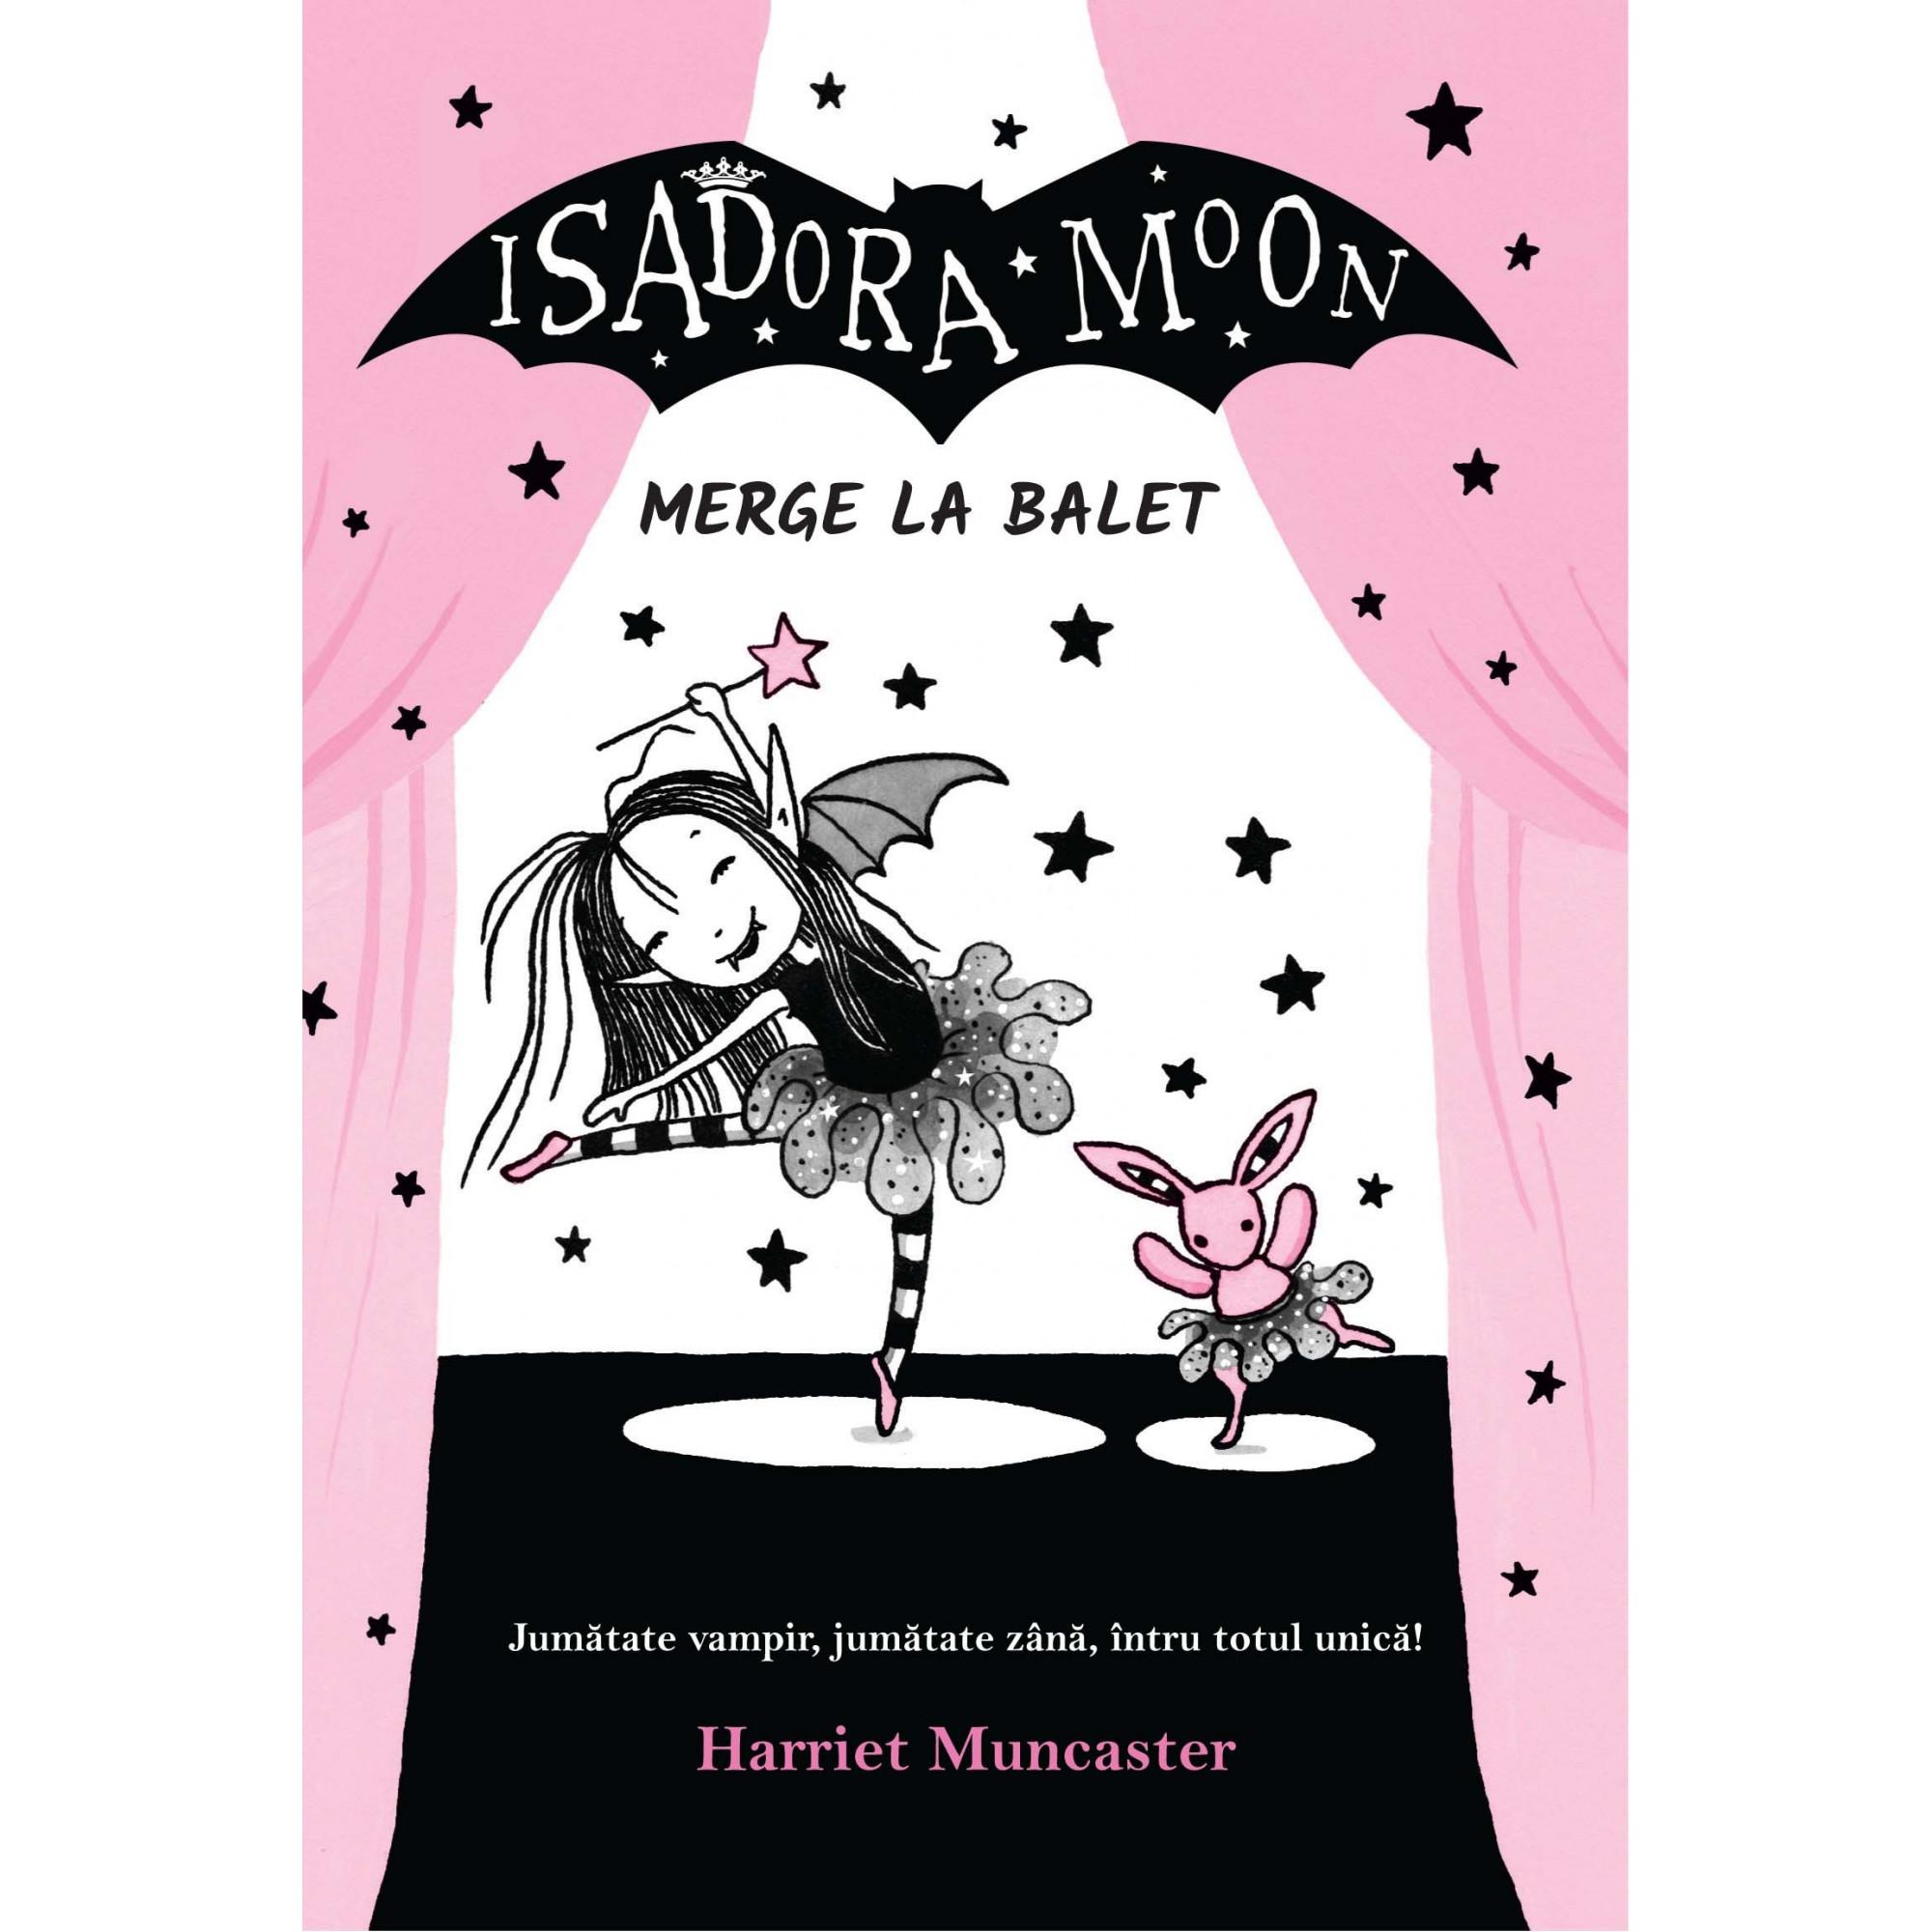 Isadora Moon merge la balet; Harriet Muncaster